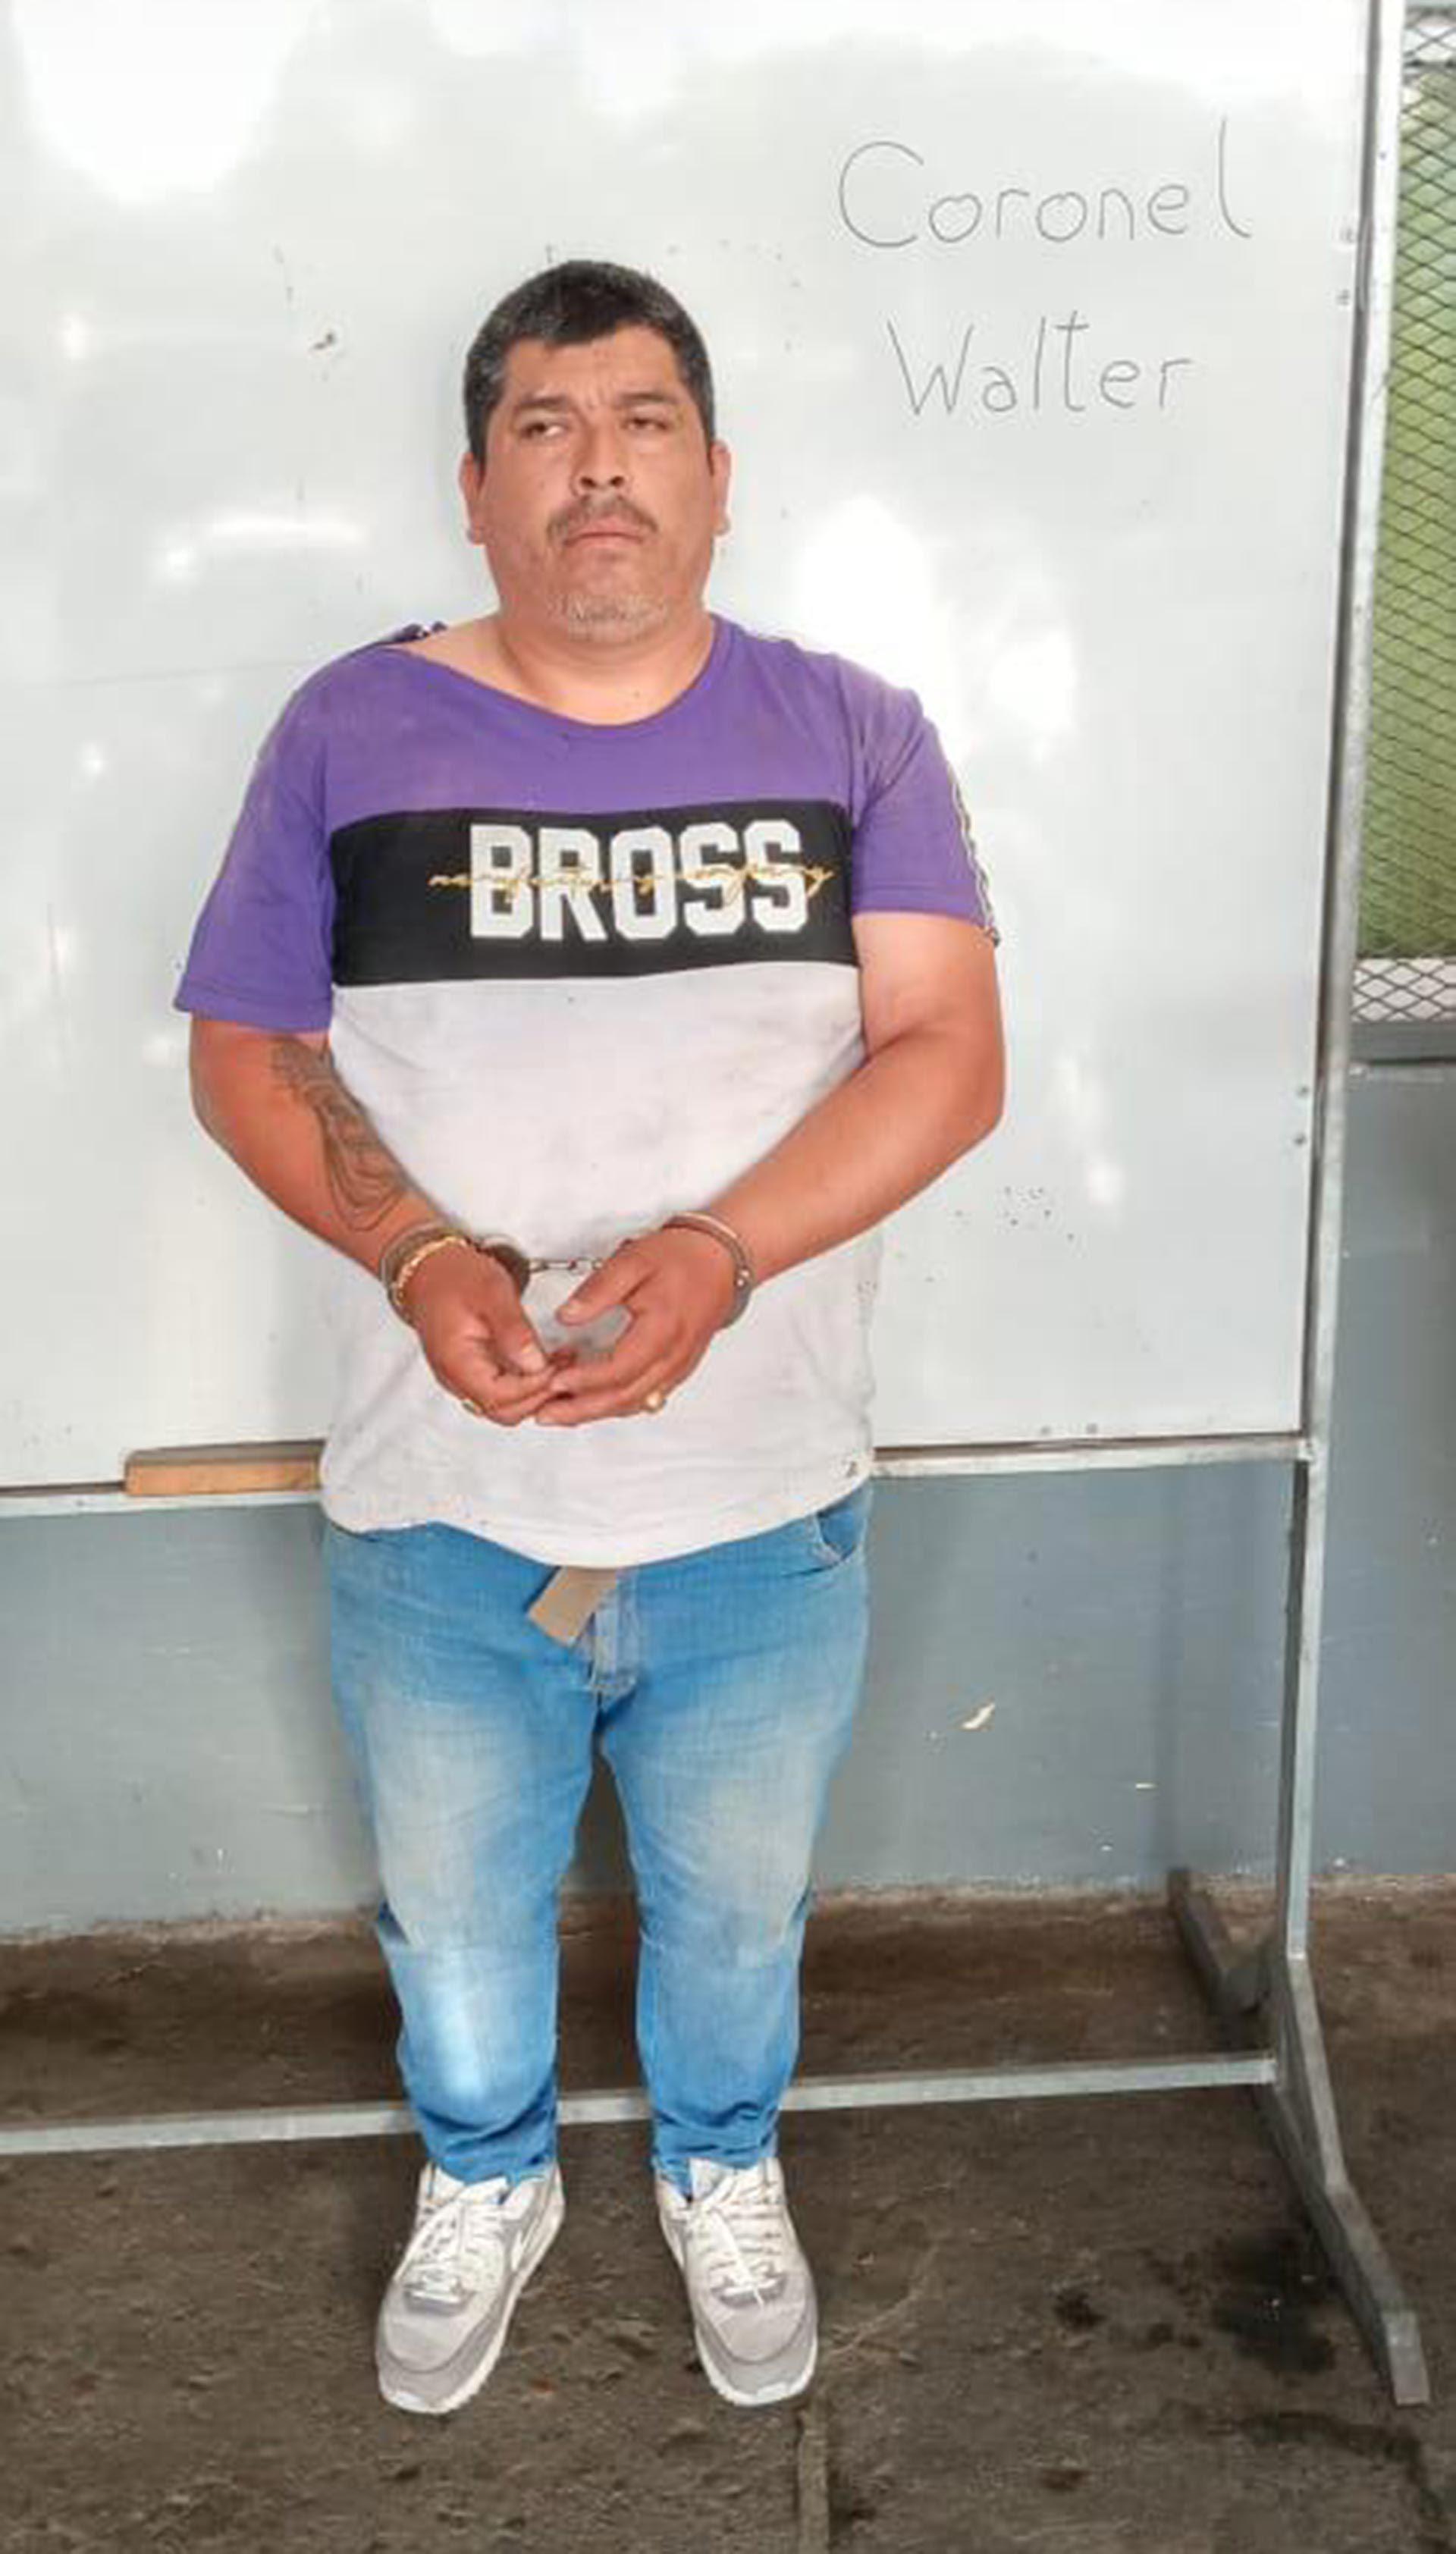 Walter Coronel condenado